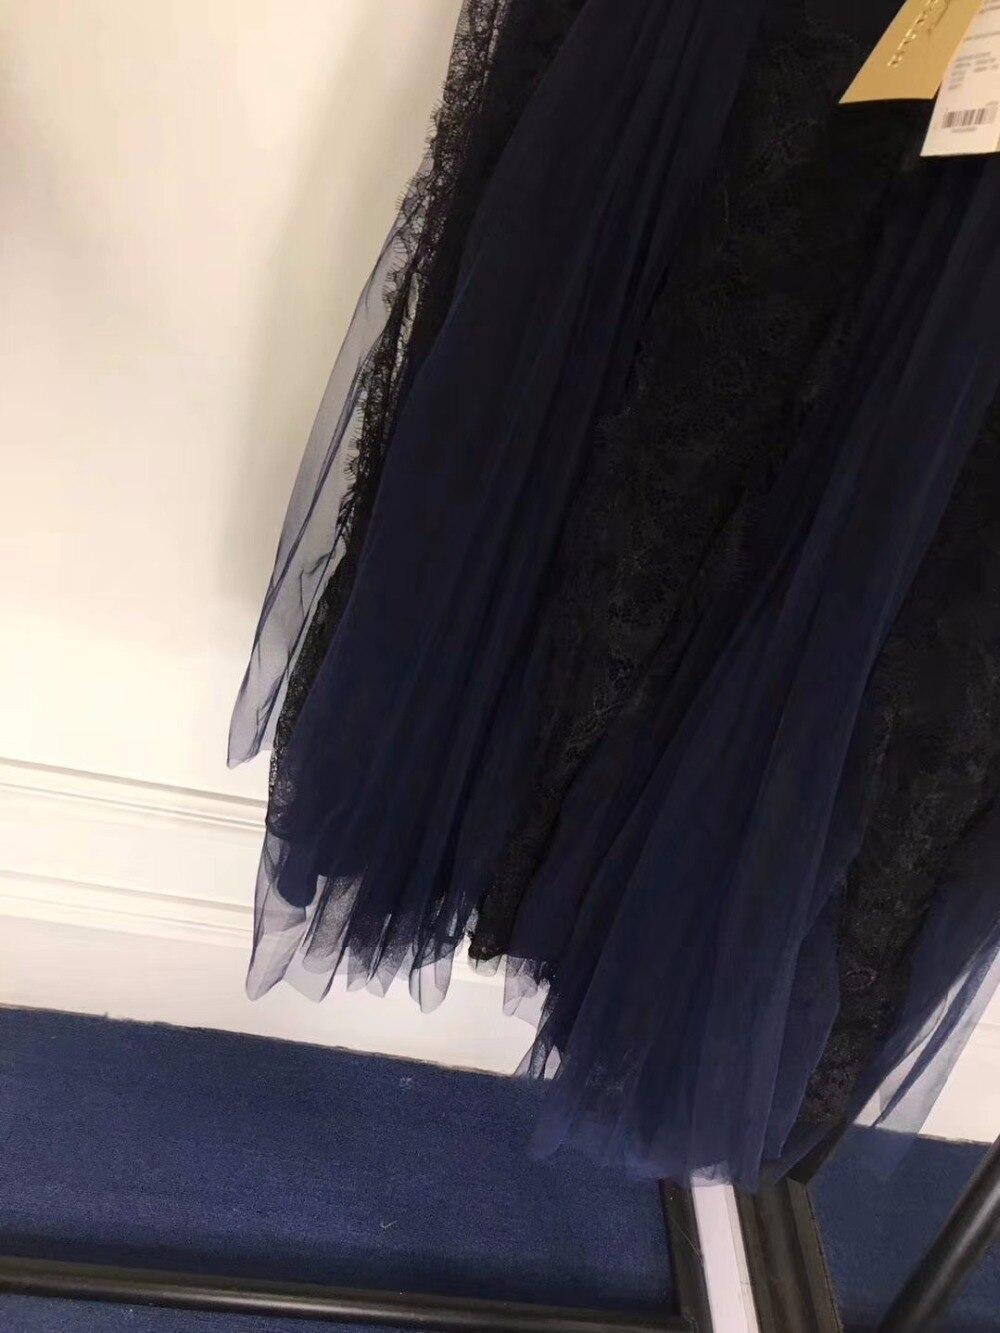 Malla Señora De 2018 Mujer Casual Faldas Tulle Encaje Larga Moda Vacaciones Falda Femme Verano Saias Increíbles Jupe Cx4XCY7qw